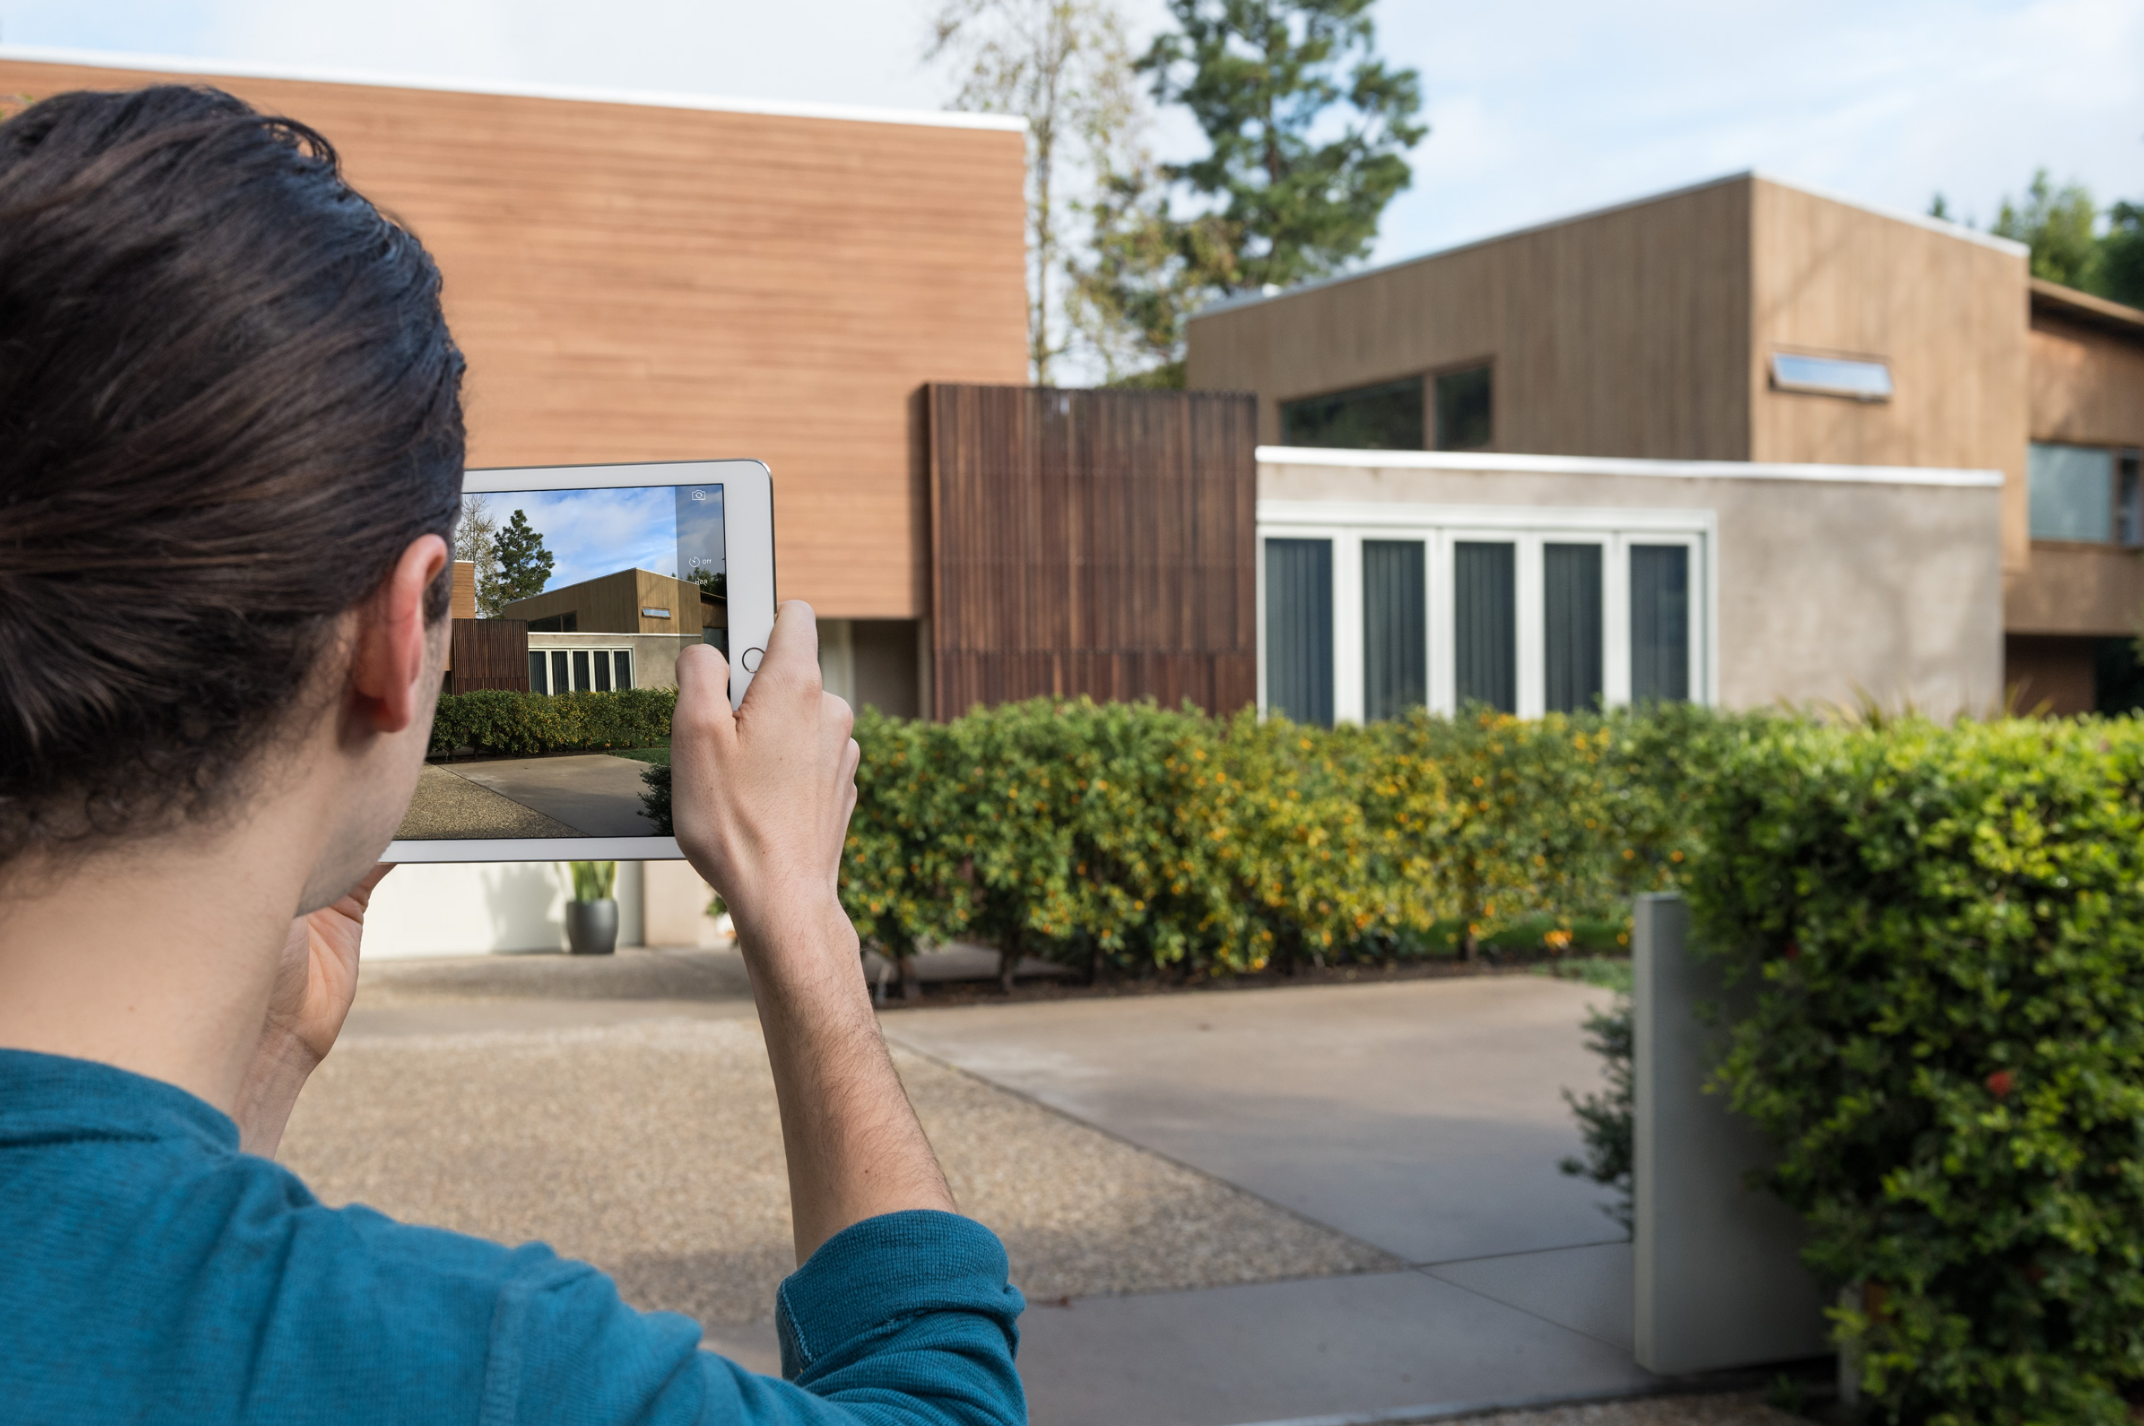 焼津市ふるさと納税返礼品 iPad proの画面鮮度